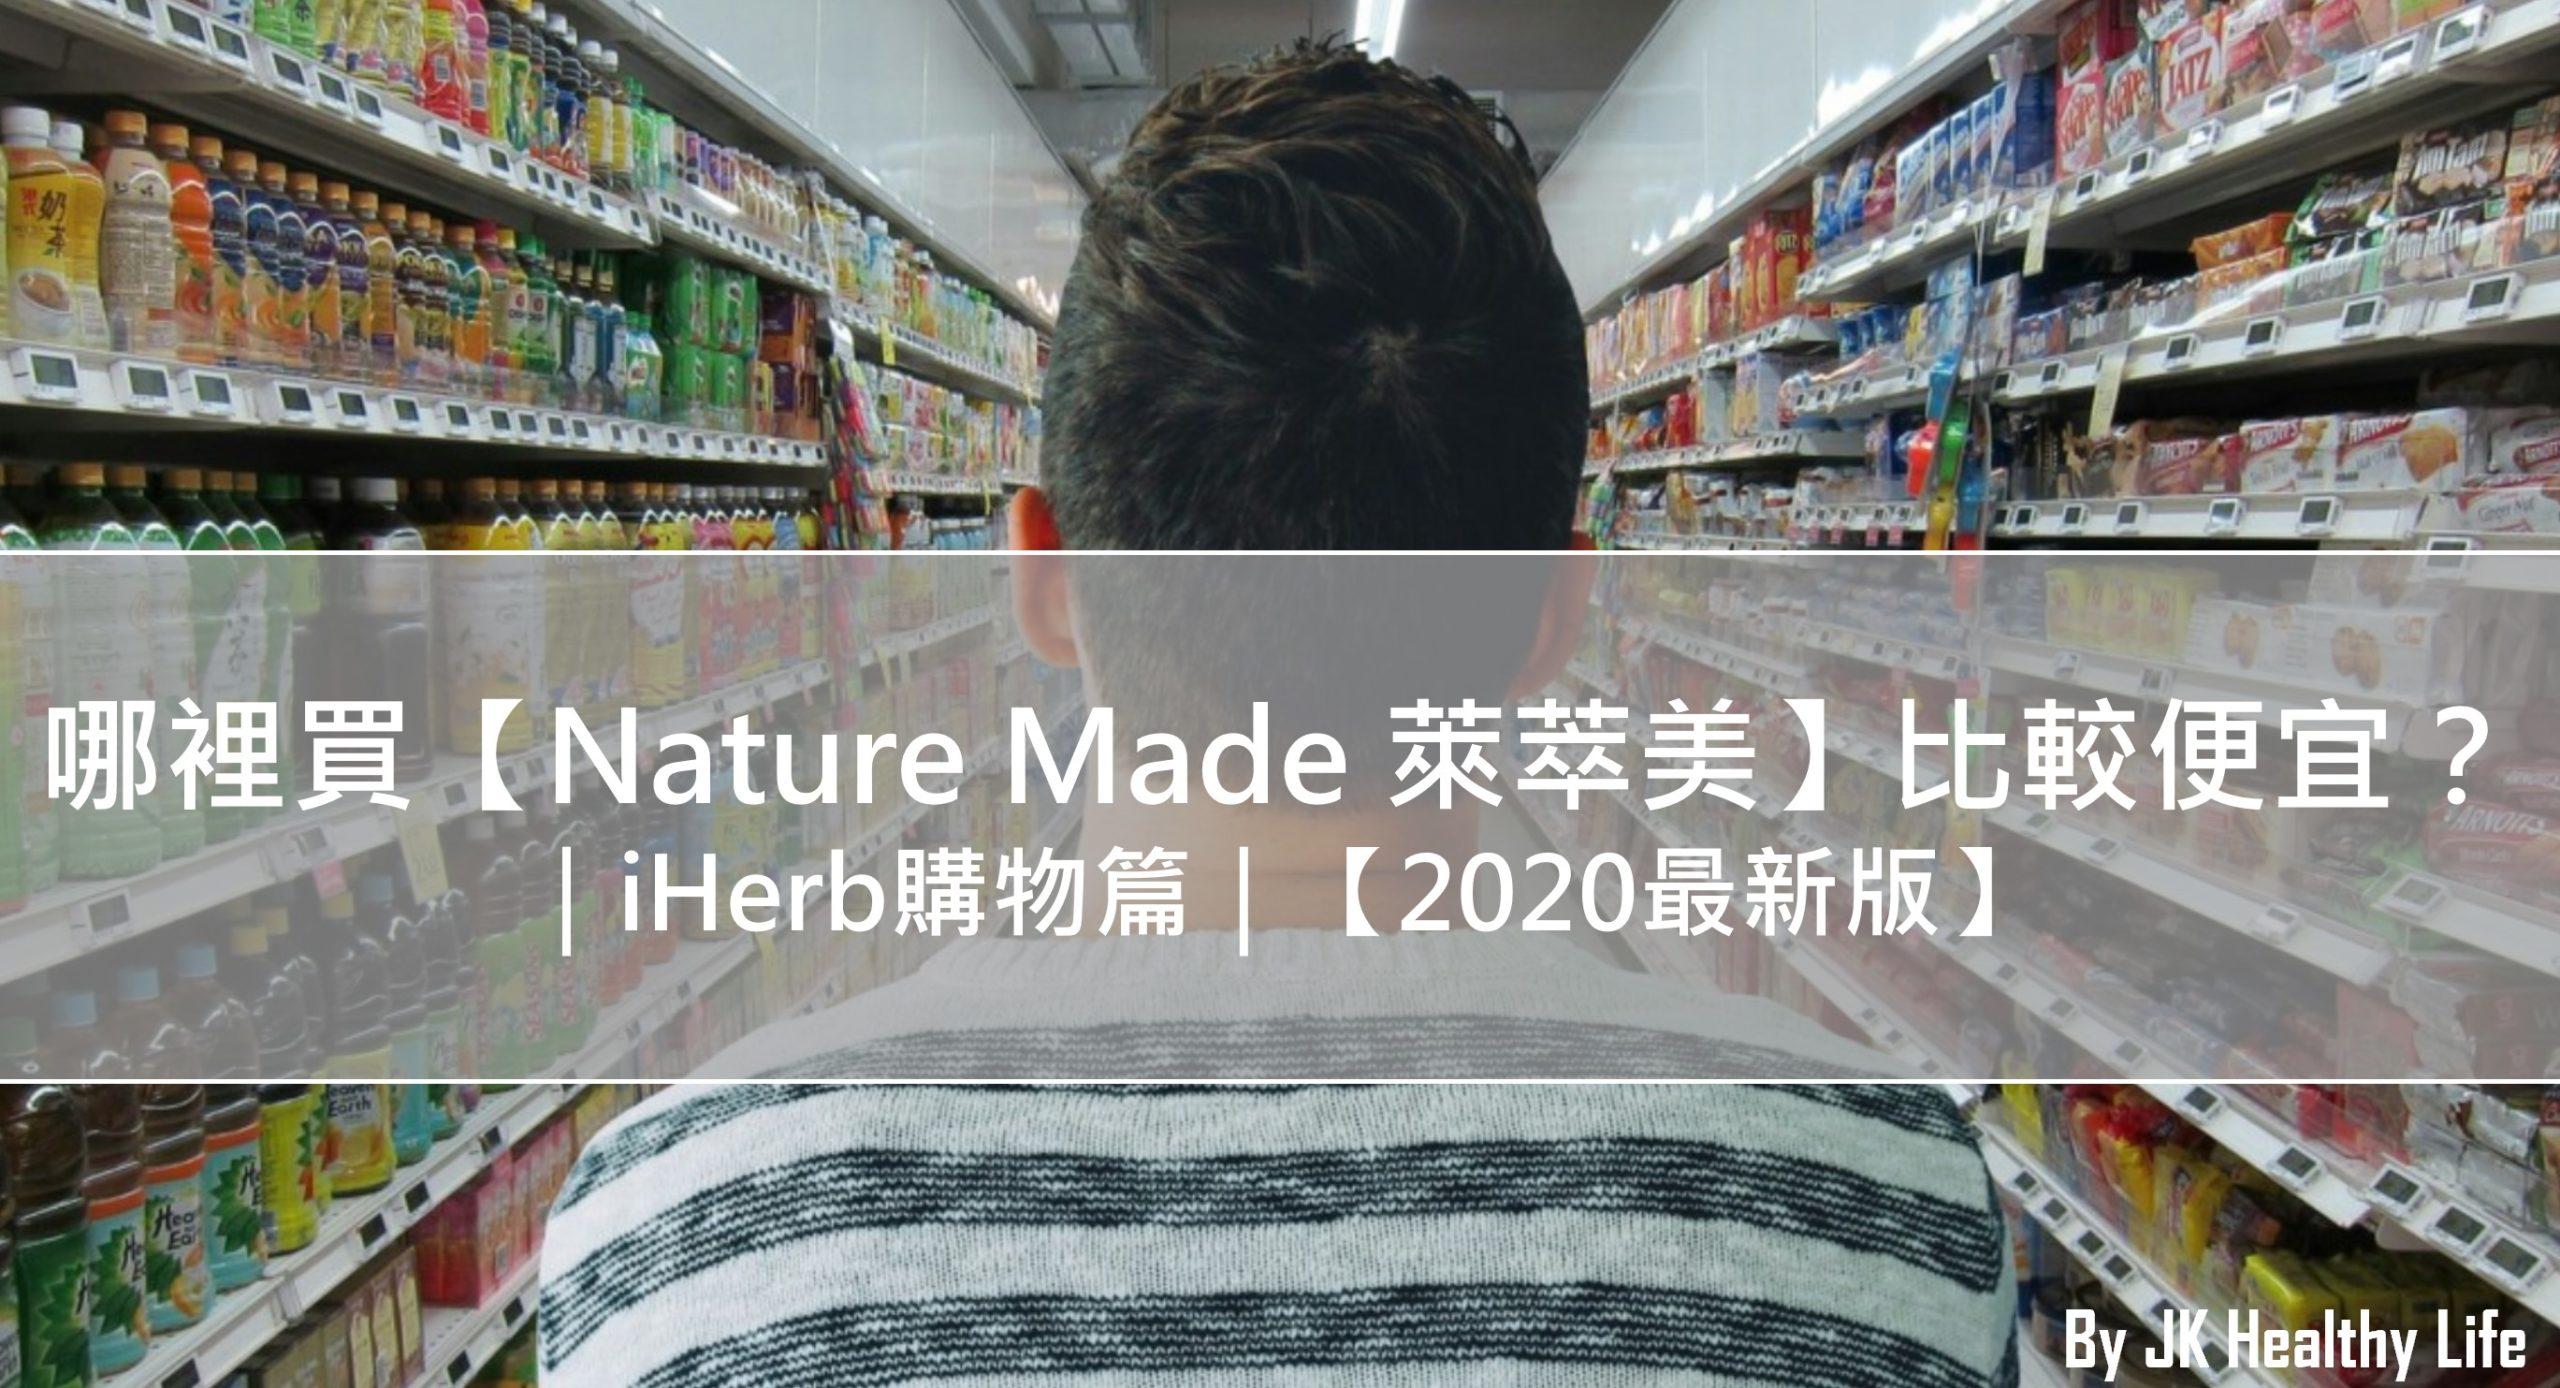 哪裡買【Nature Made 萊萃美】比較便宜?